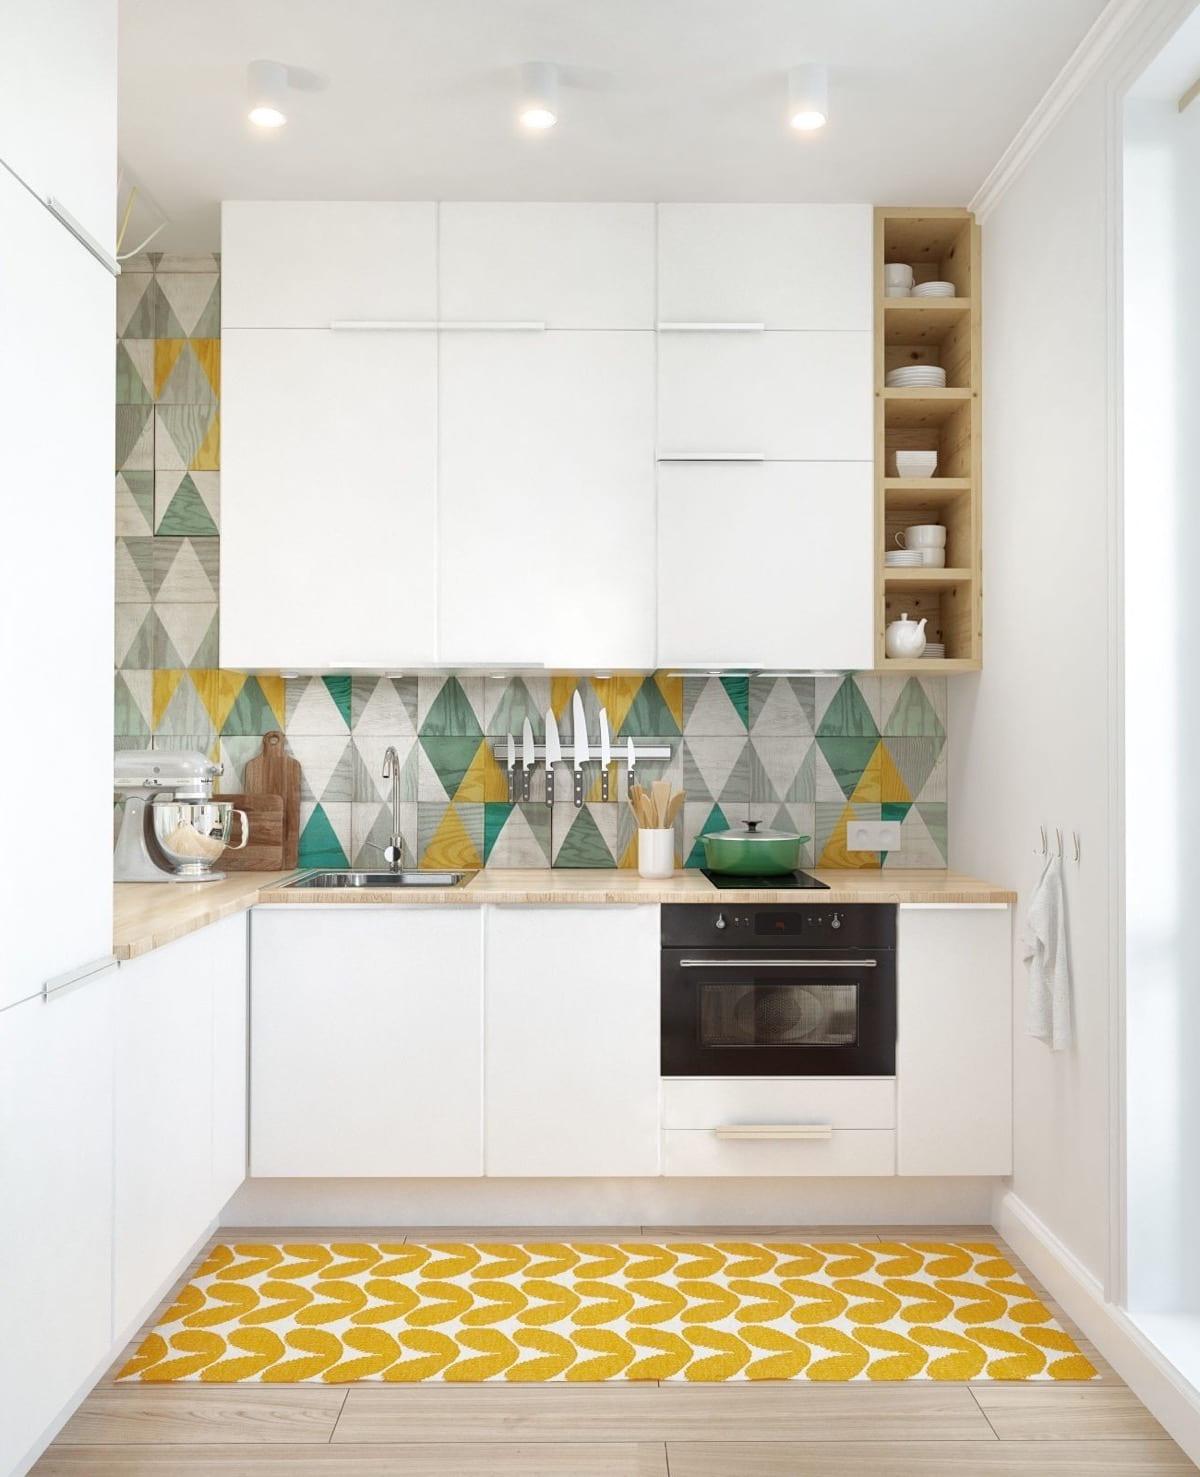 Нежная, яркая и очень стильная кухня в минималистичном стиле